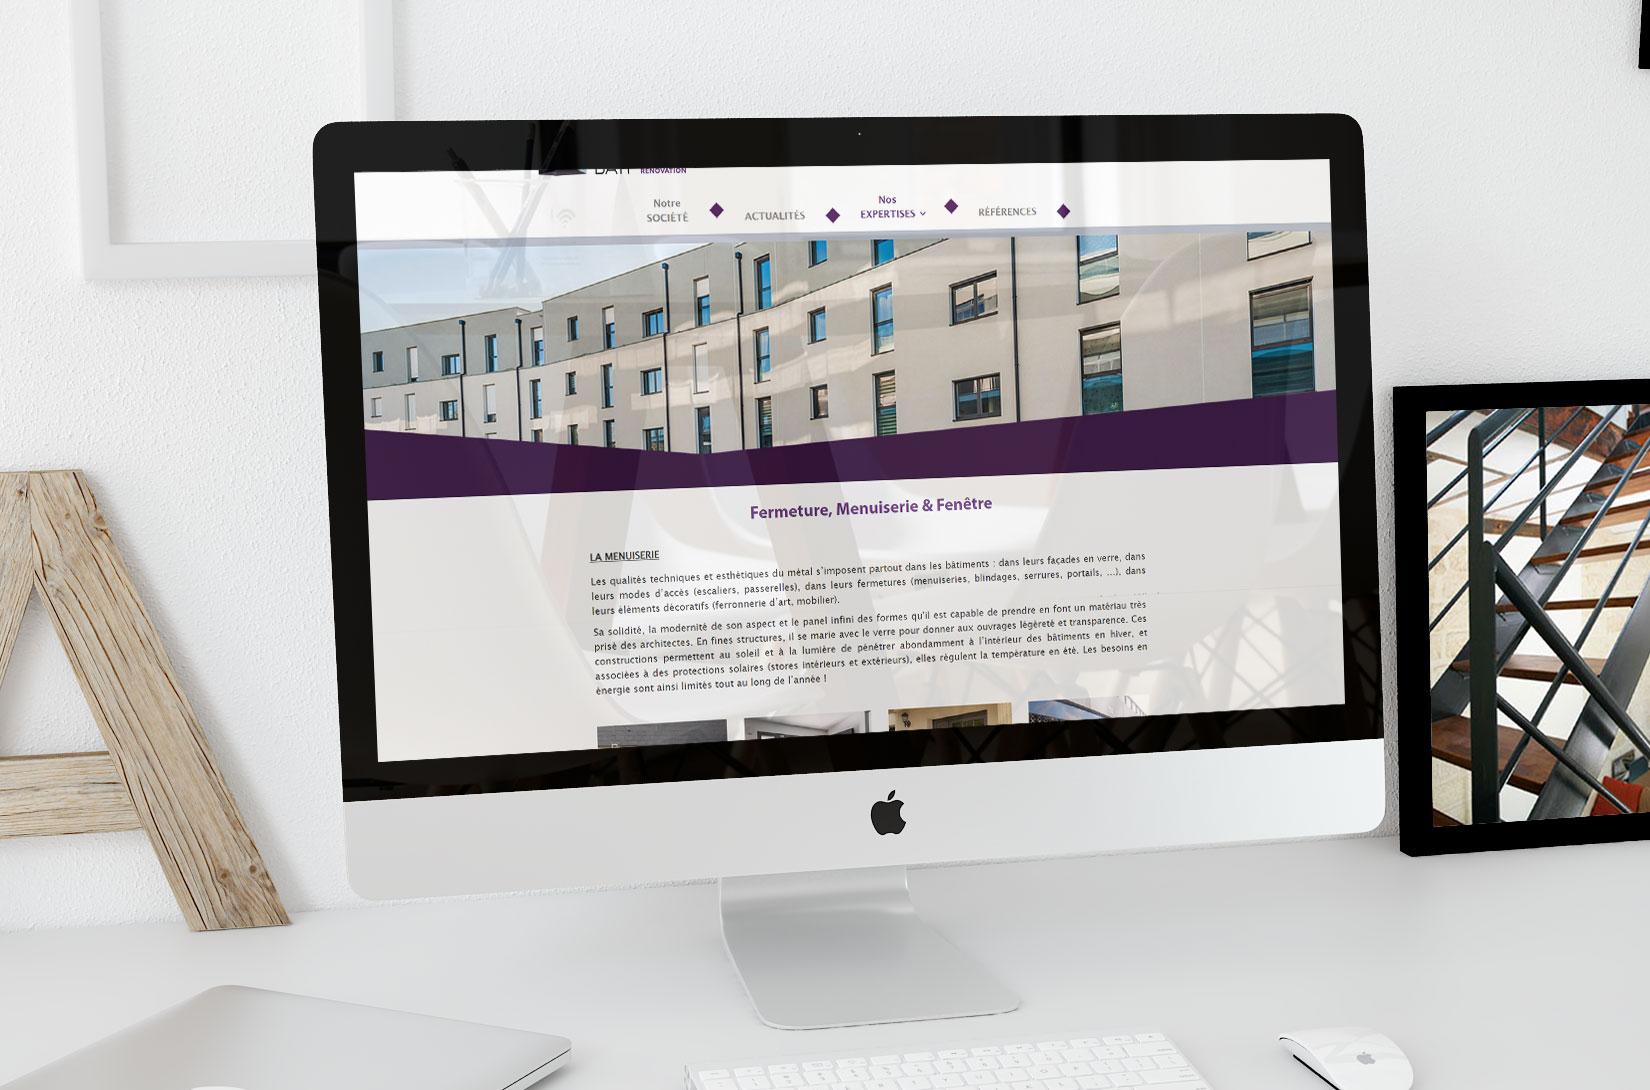 agence-site-web-communication-lyon-AB6